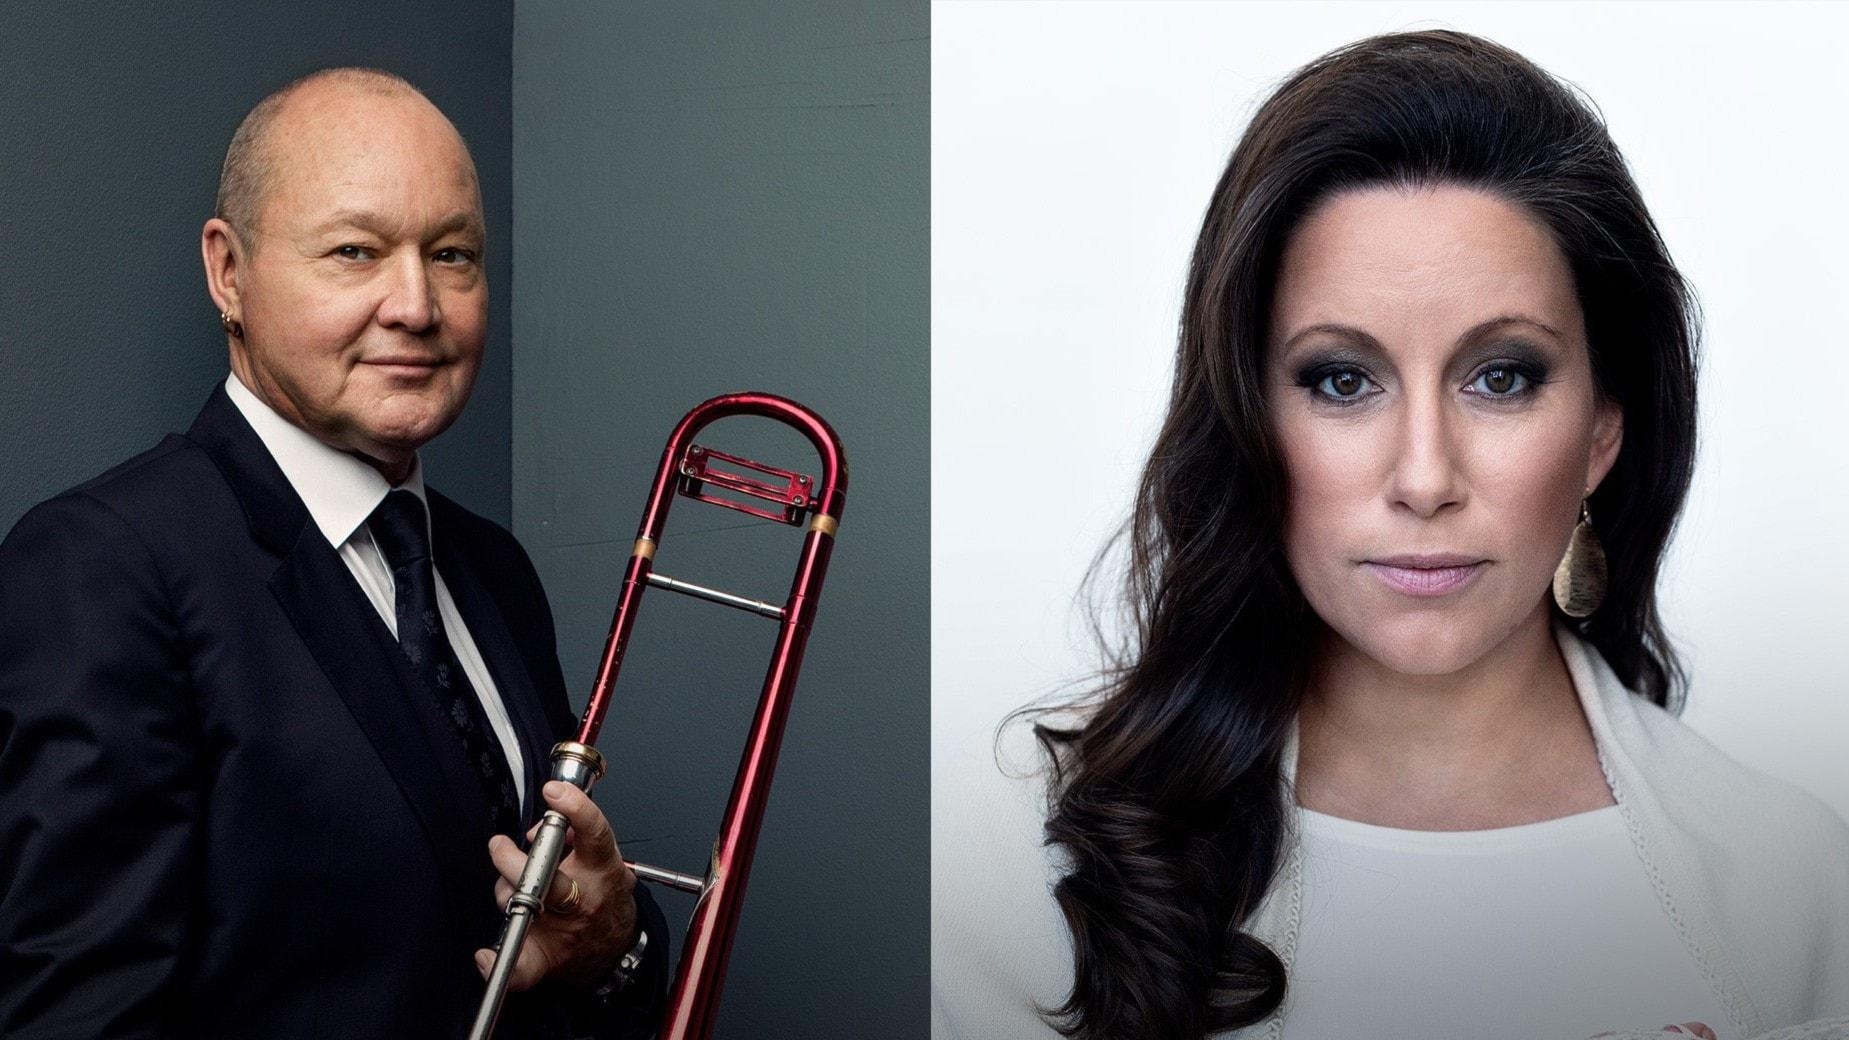 KONSERT: Storbandsfest med Nils Landgren och Lisa Nilsson